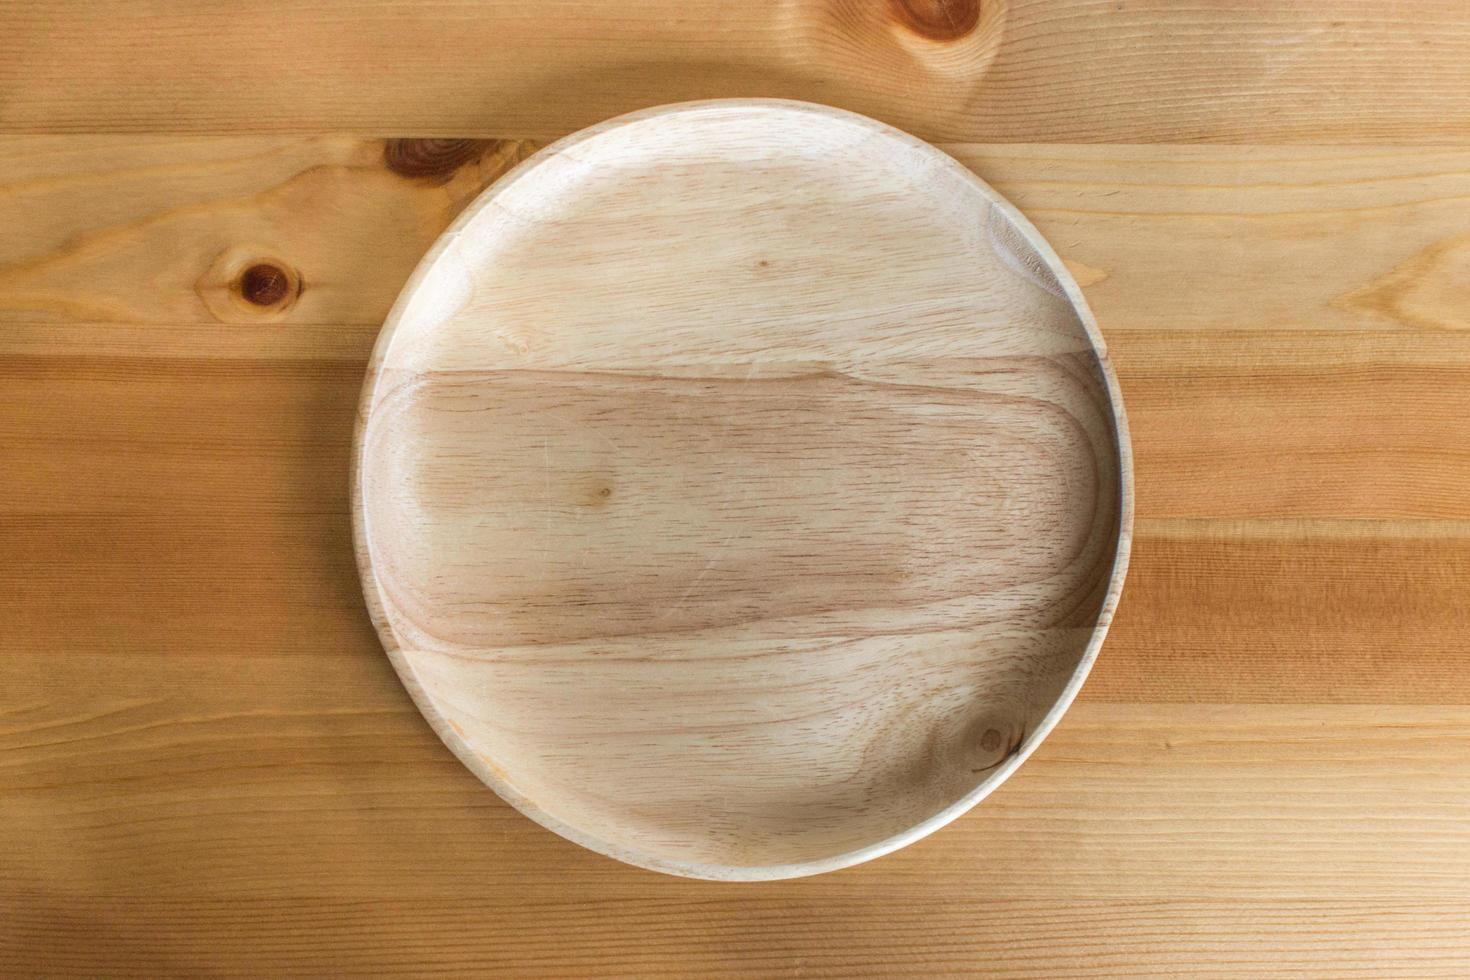 träplatta på träbord foto